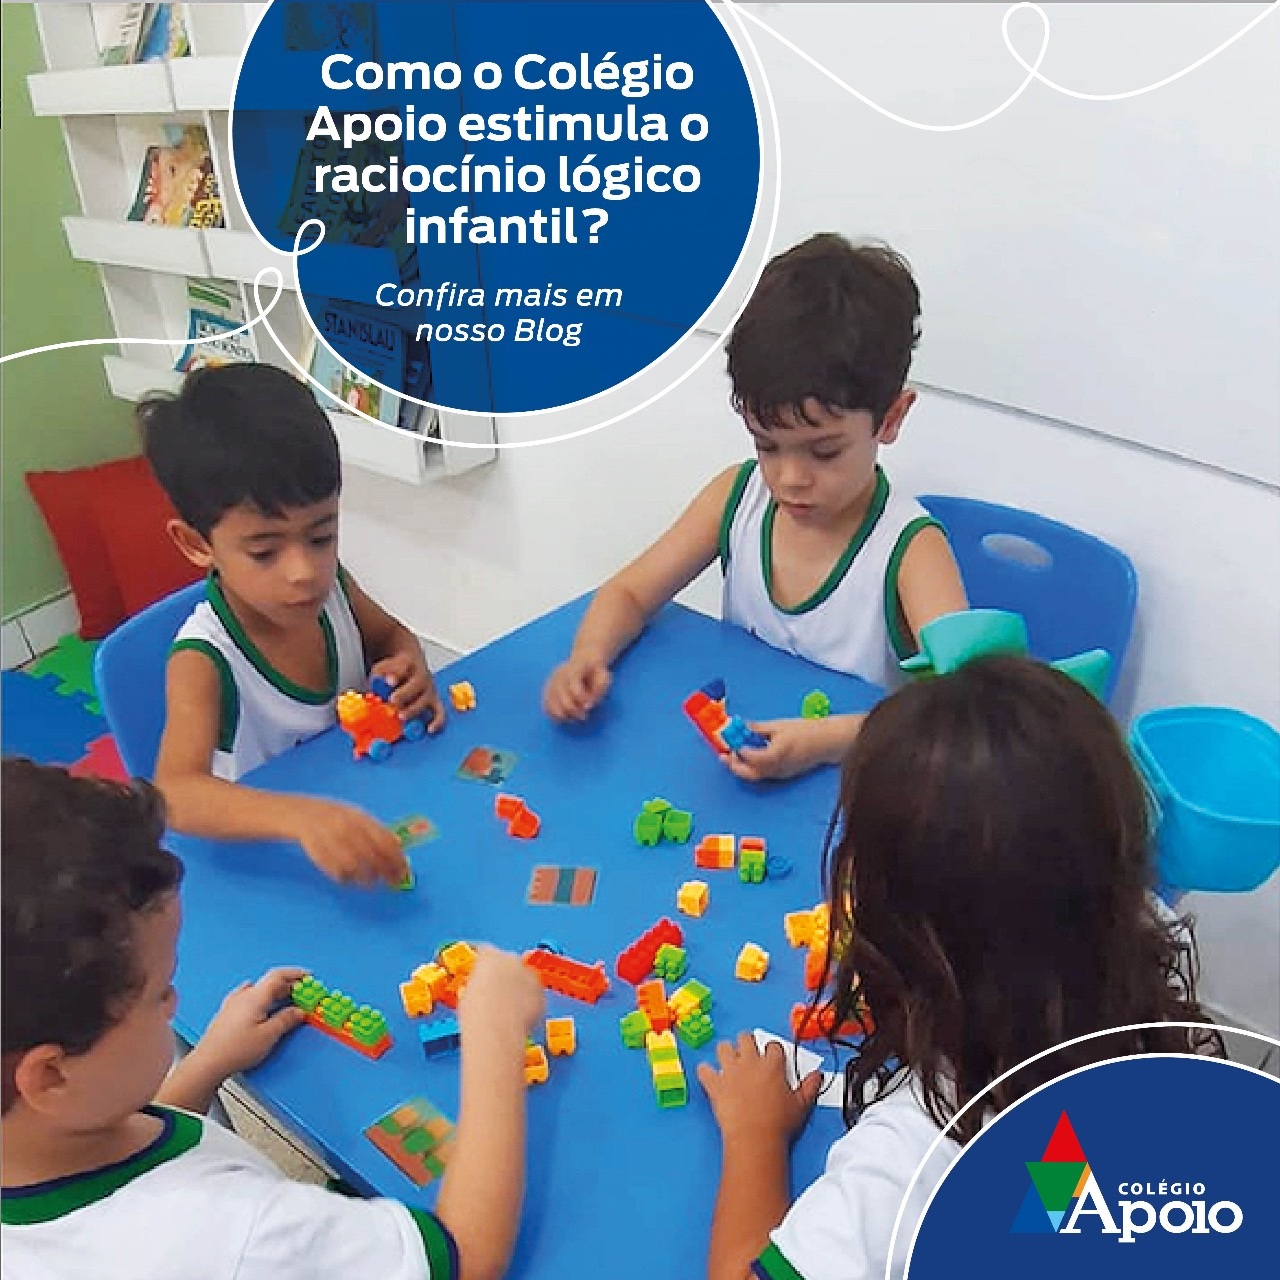 Como o Colégio Apoio estimula o raciocínio lógico infantil?